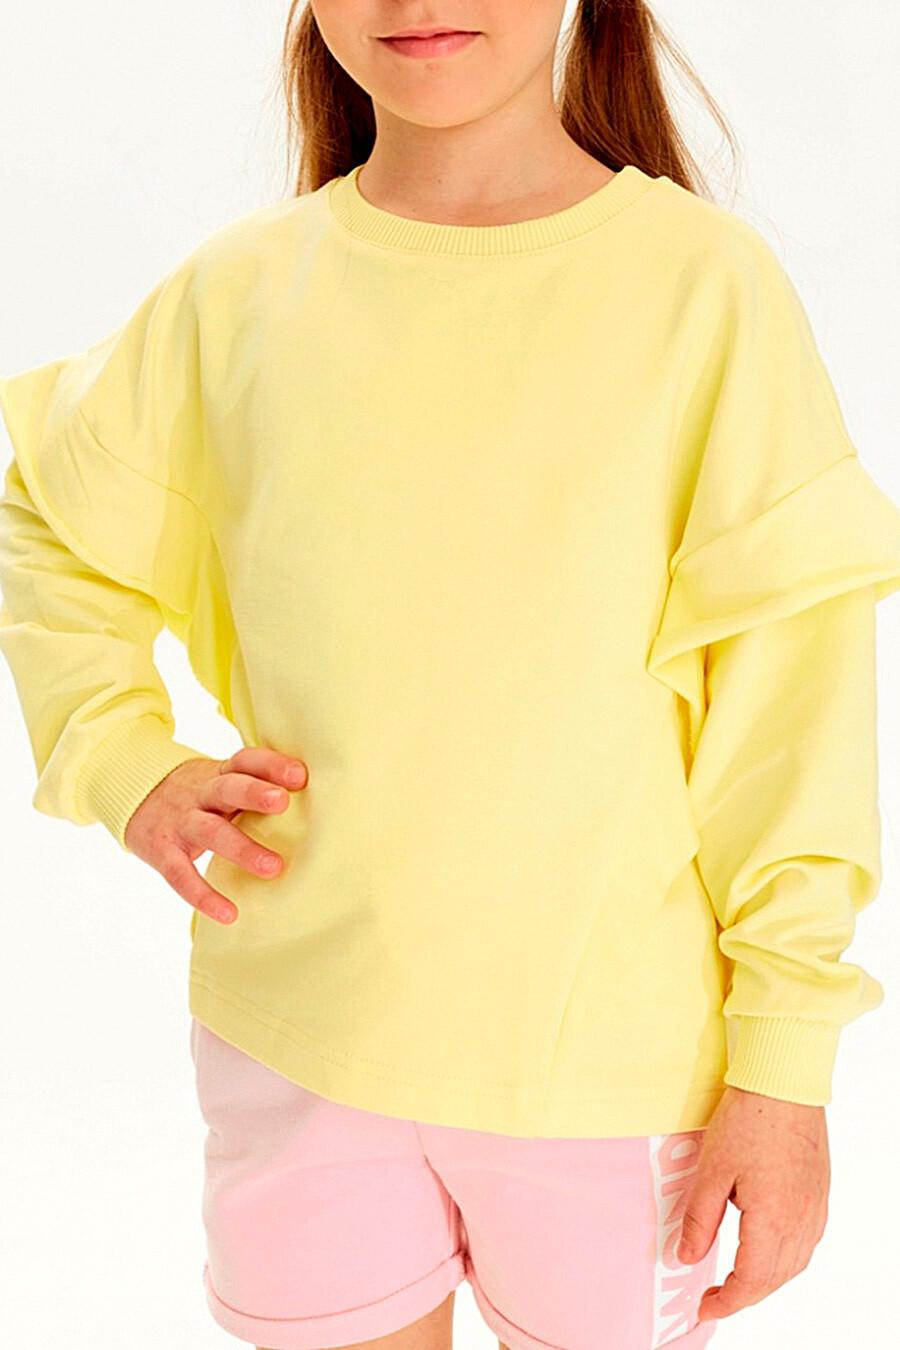 Толстовка для девочек UMKA 321827 купить оптом от производителя. Совместная покупка детской одежды в OptMoyo